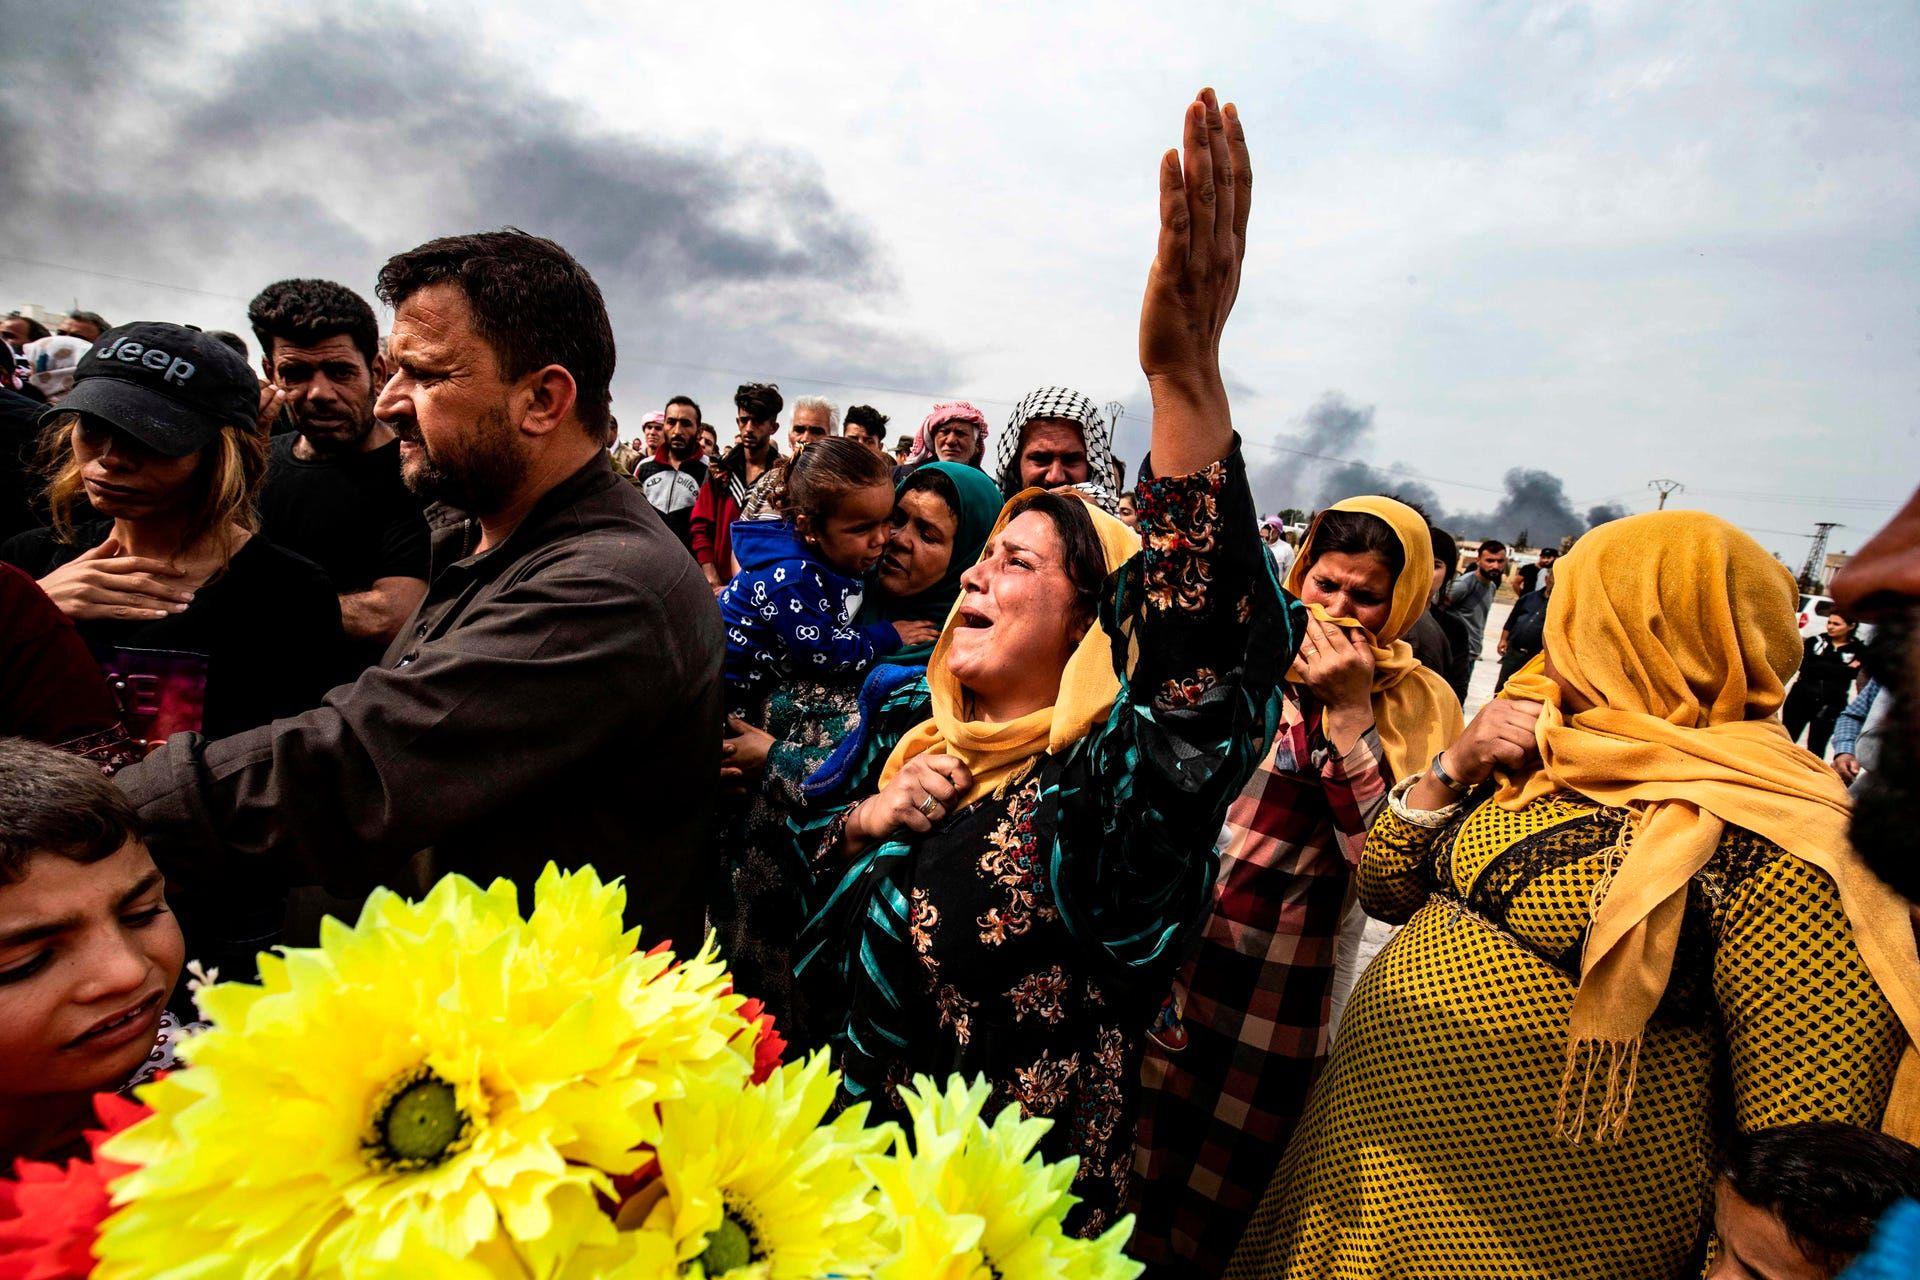 برترین تصاویر خبری ۲۴ ساعت گذشته/ 28 مهر